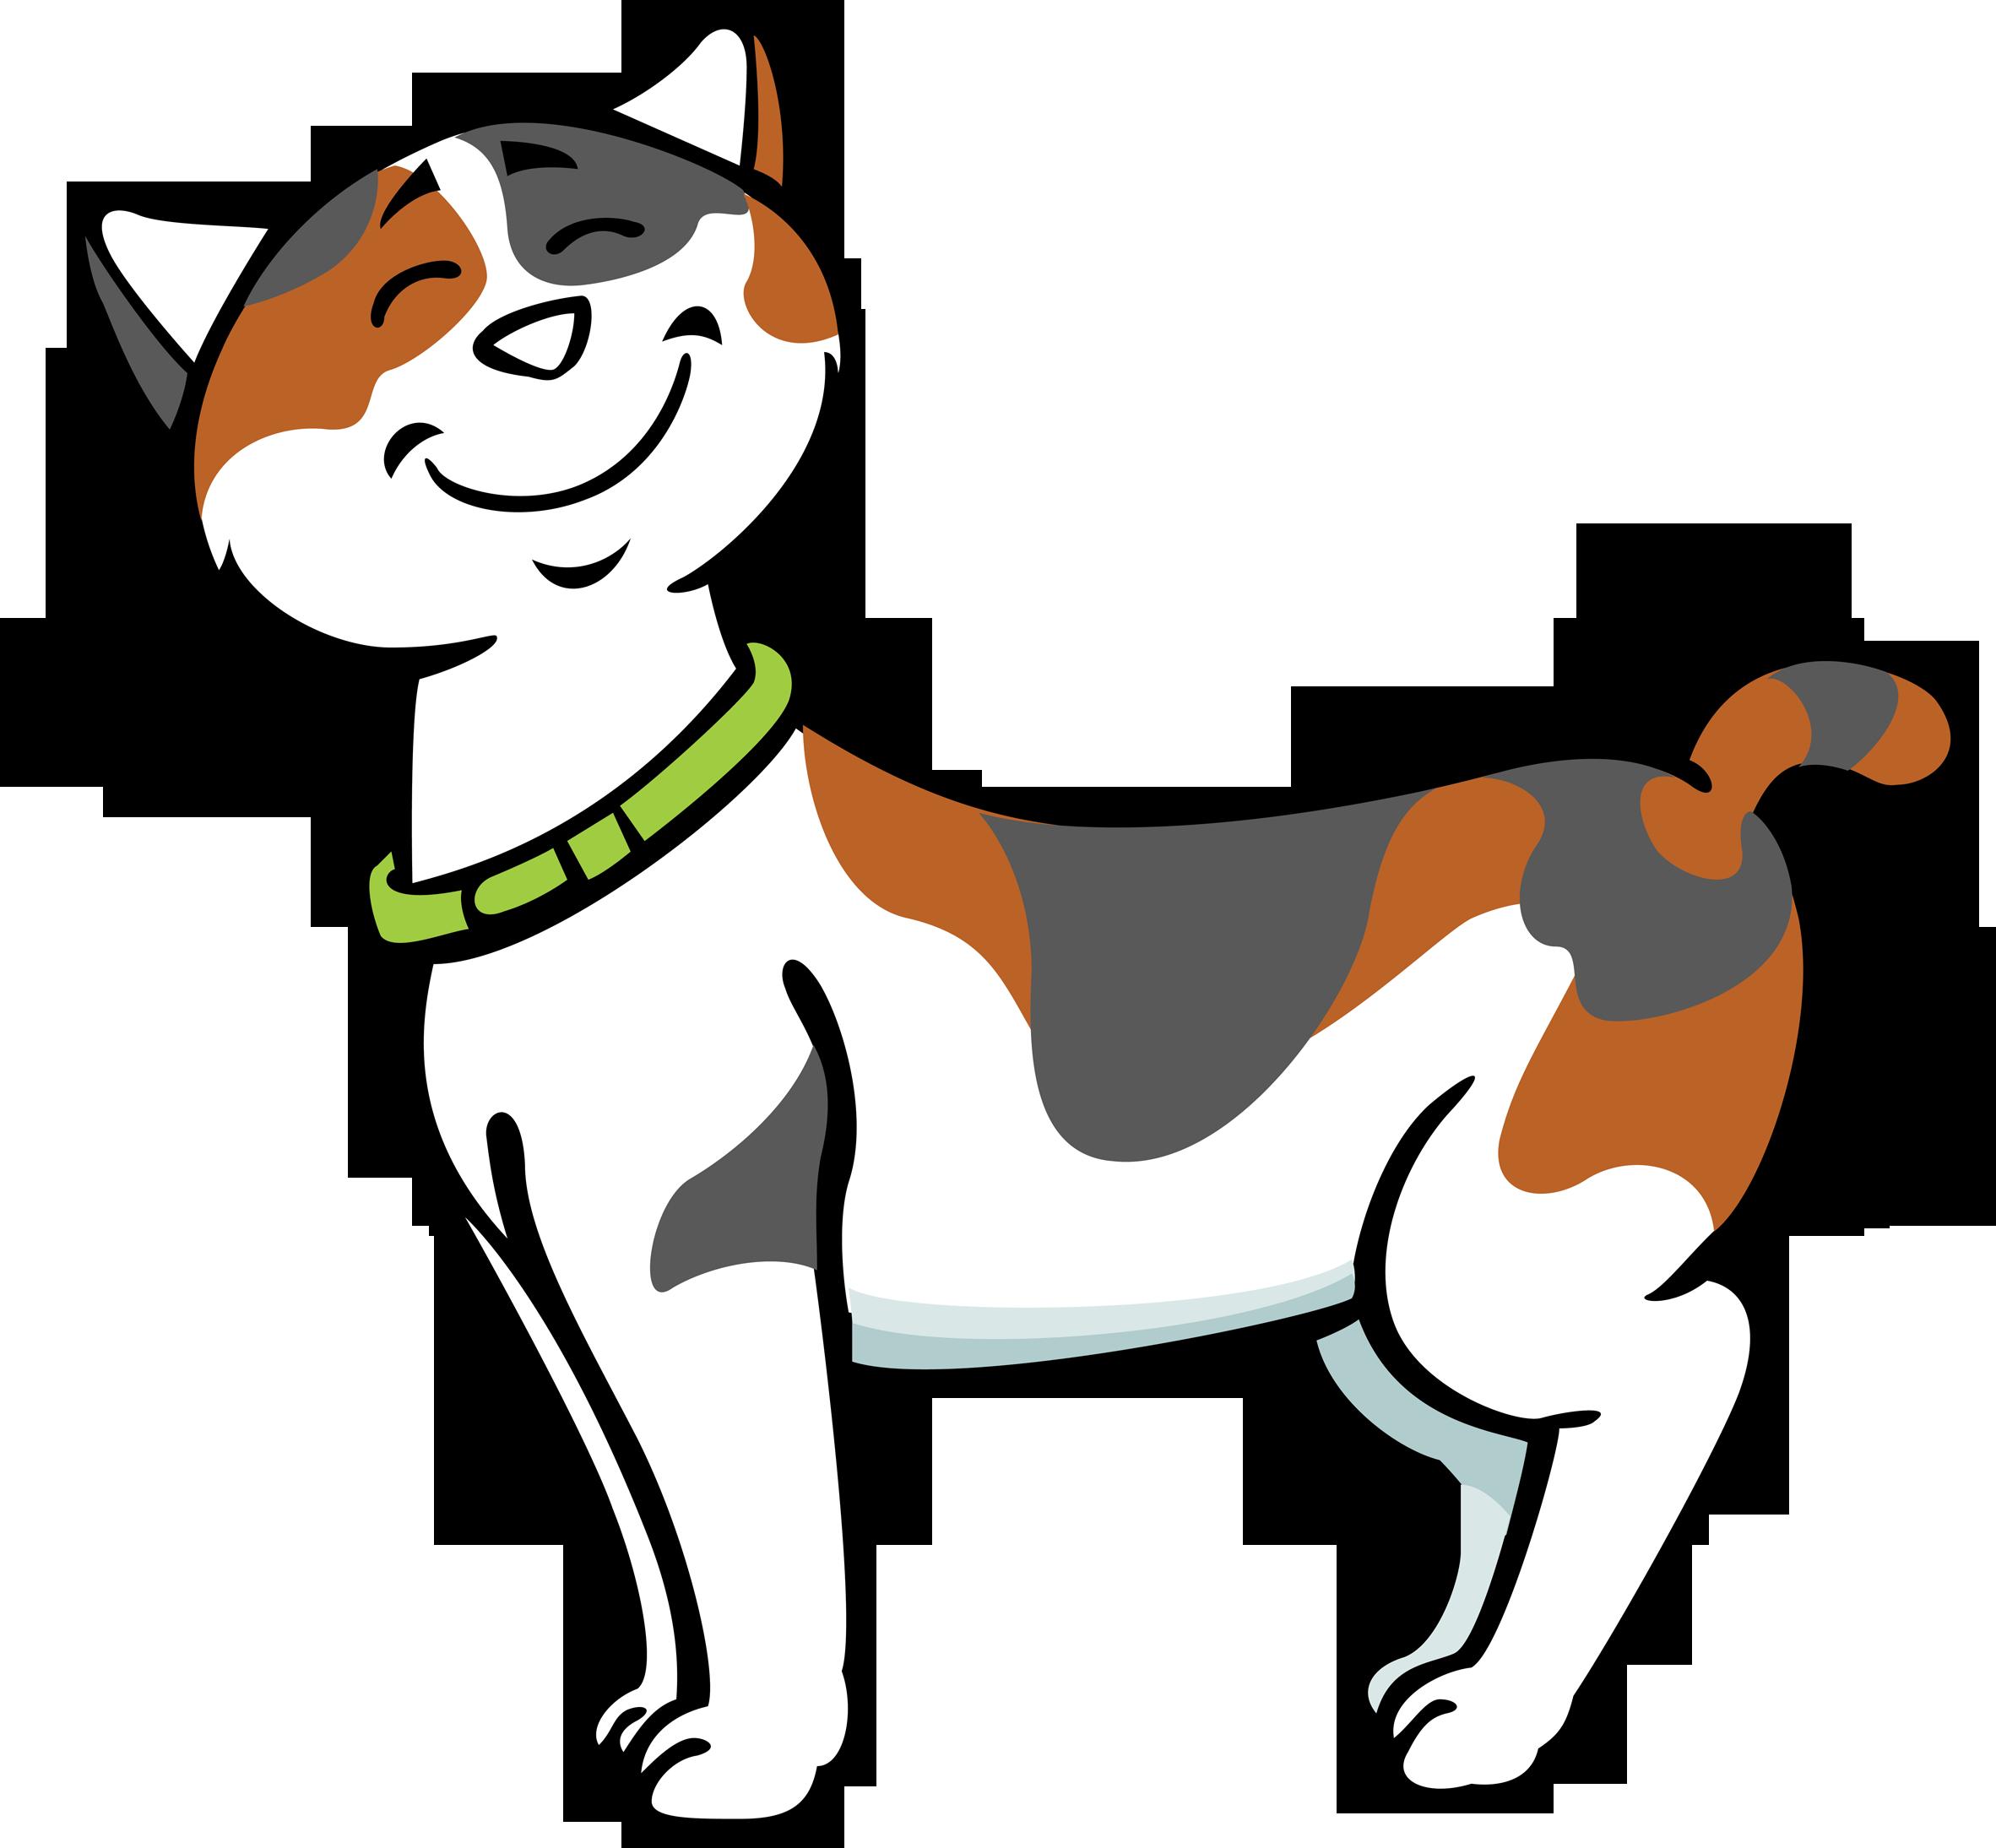 кошки клипарт: